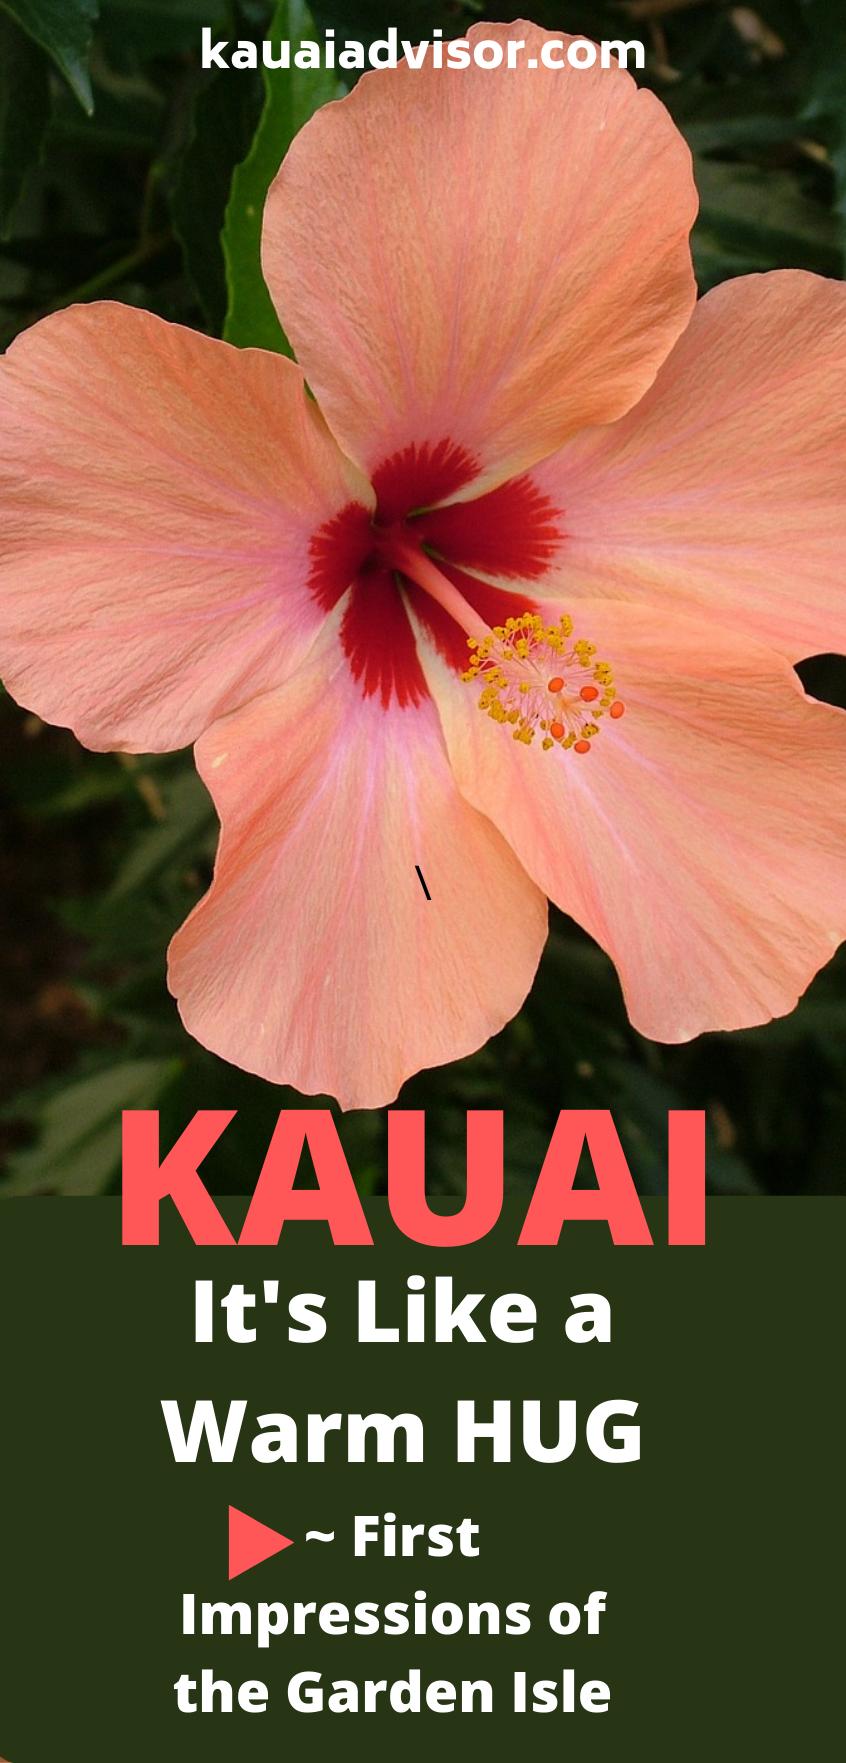 Kauai Garden Isle Hibiscus